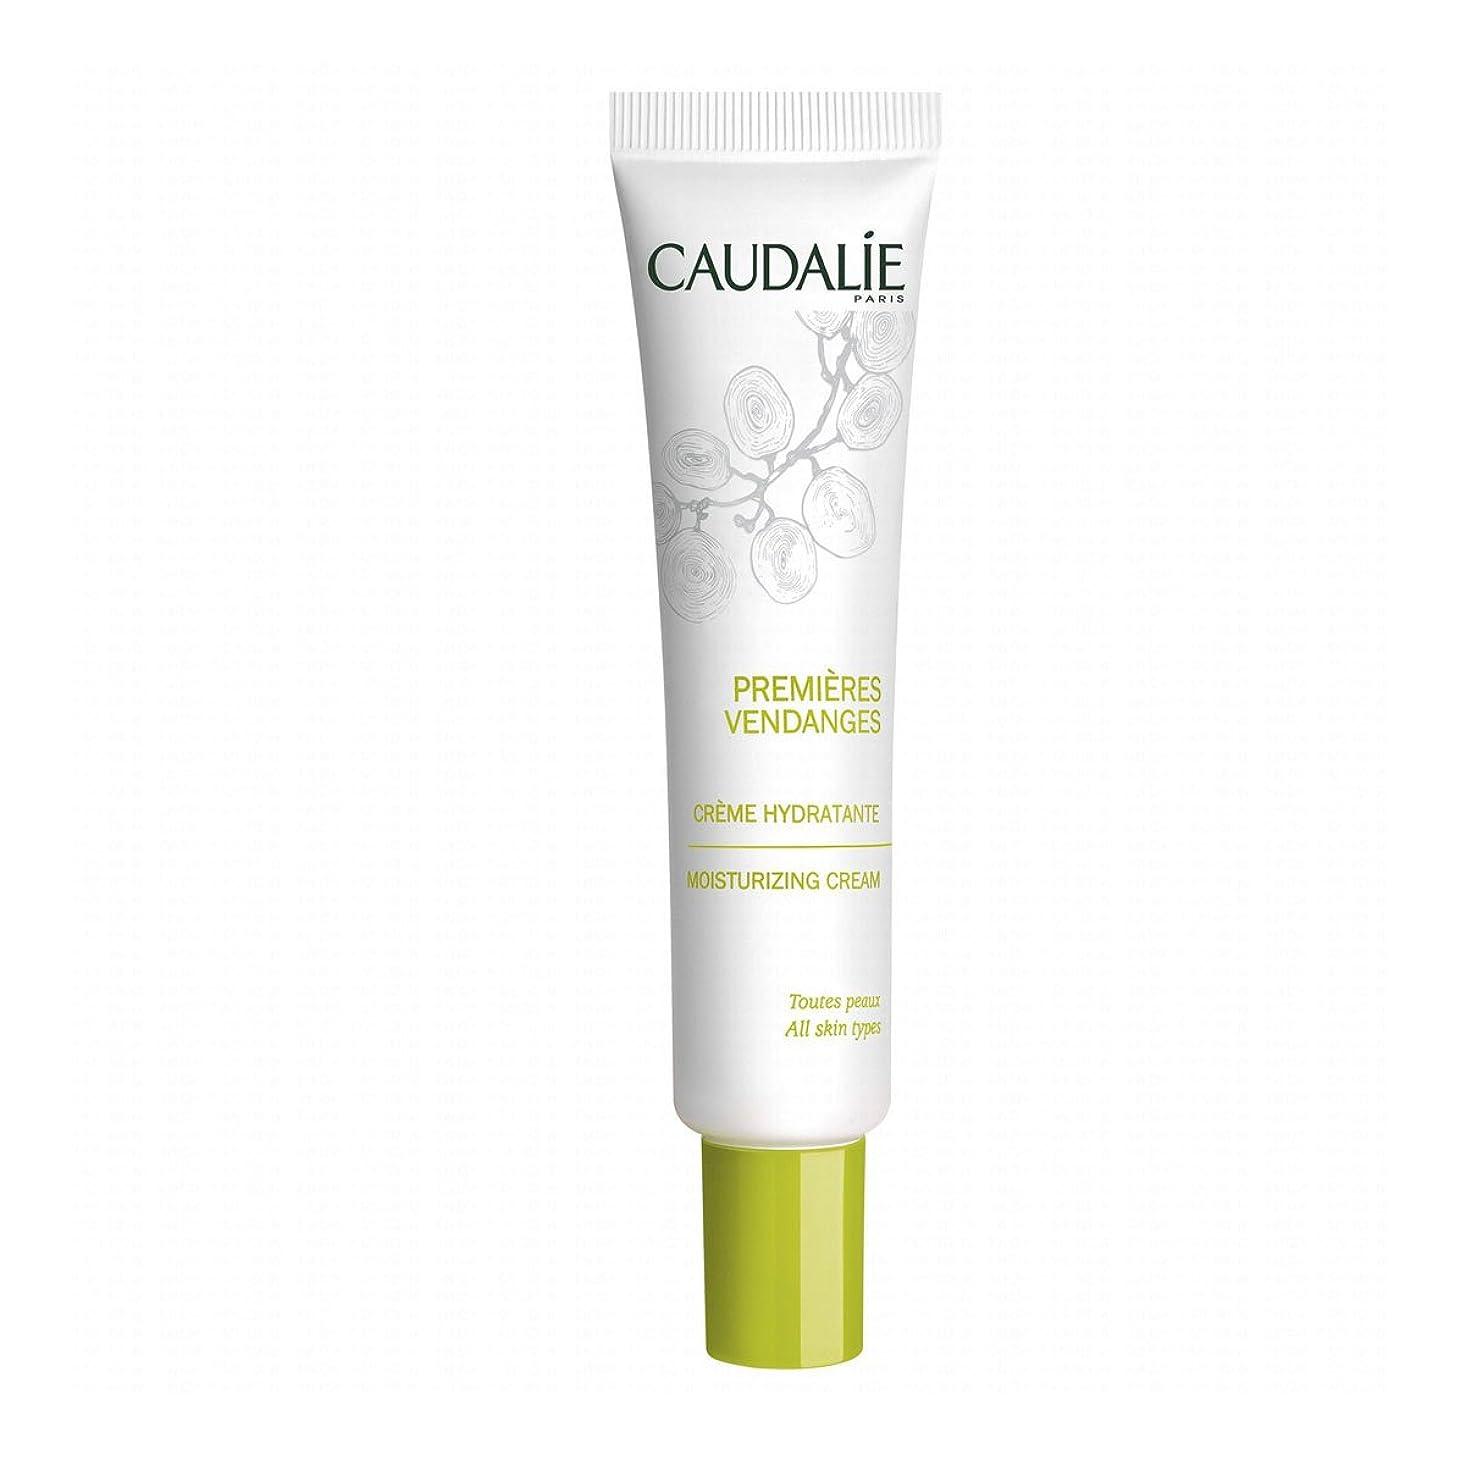 味付けコスチュームプラスチックCaudalie Premieres Vendanges Moisturizing Cream 40ml [並行輸入品]